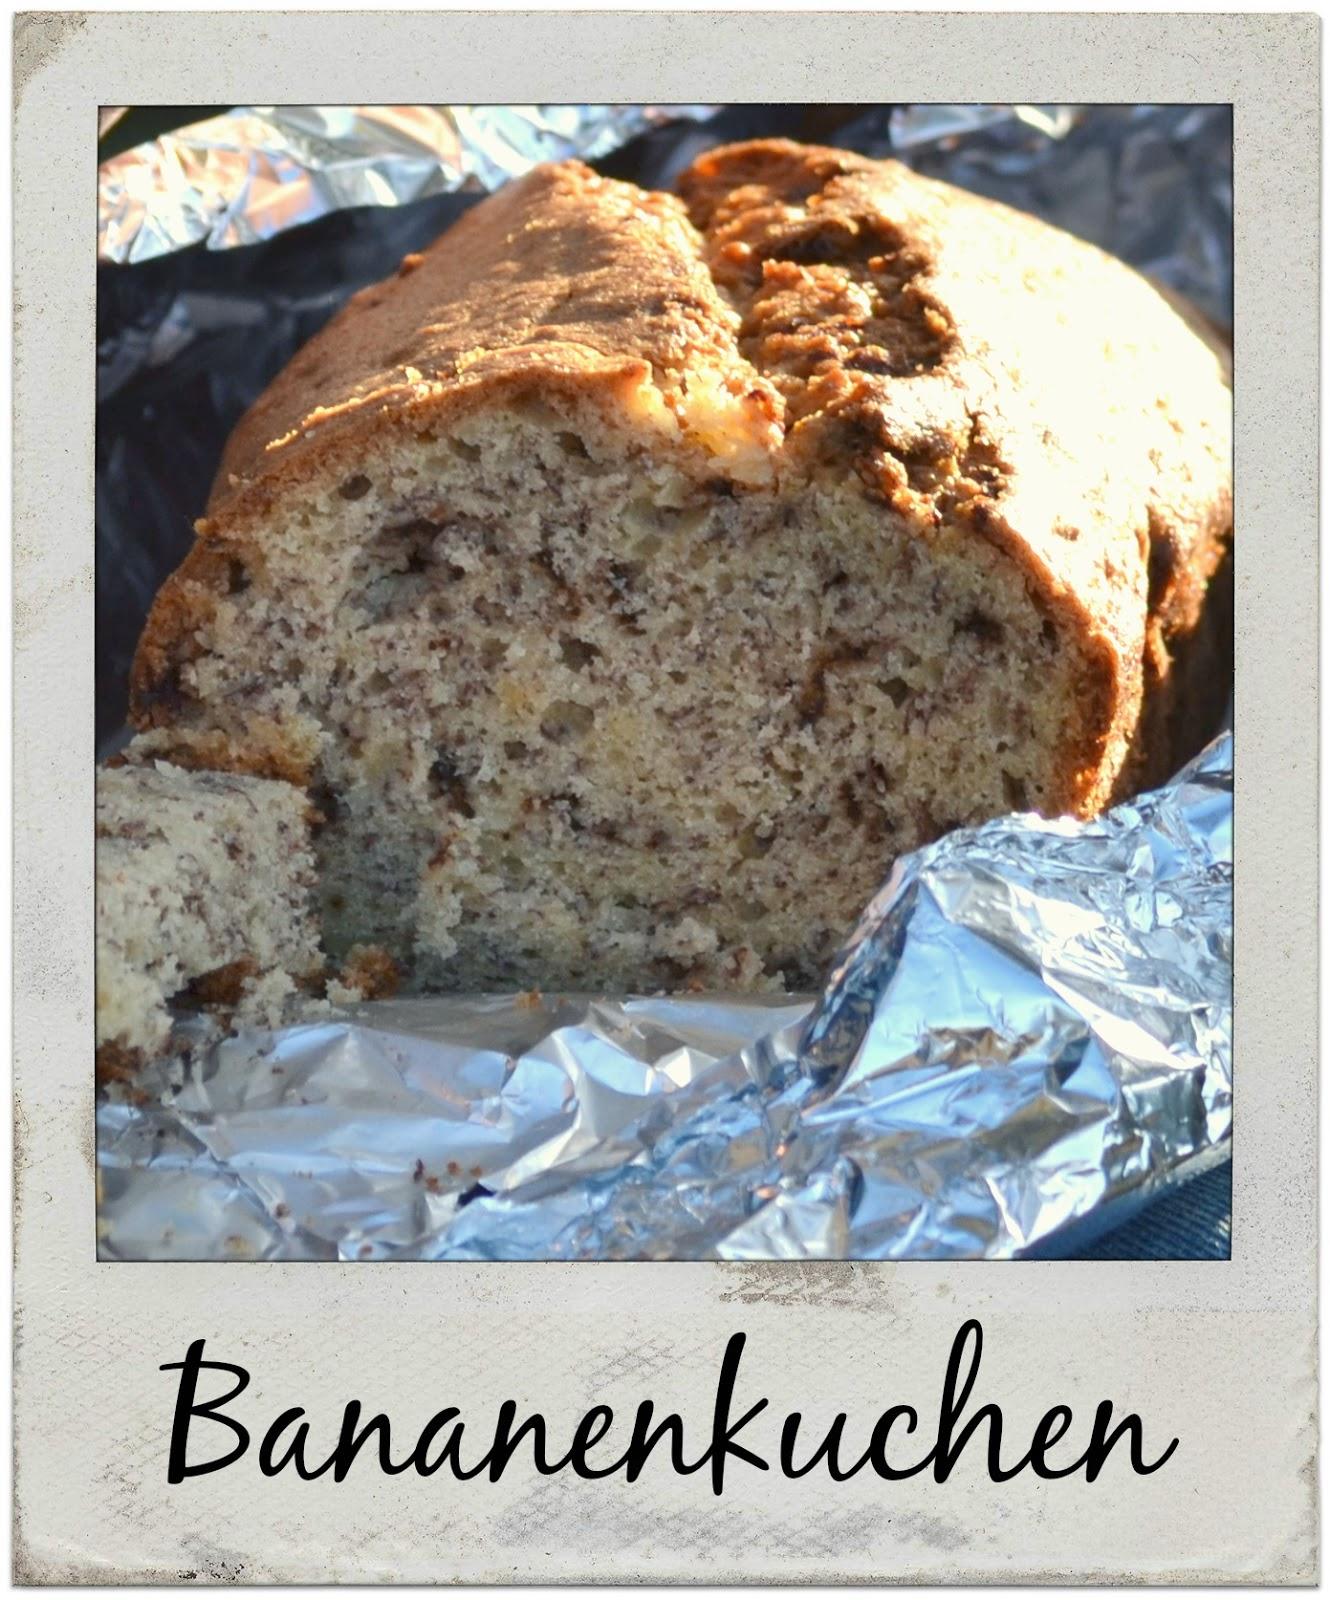 http://gemachtesundgedachtes.blogspot.de/2013/10/ein-echt-alter-bananenkuchen-oder-doch.html